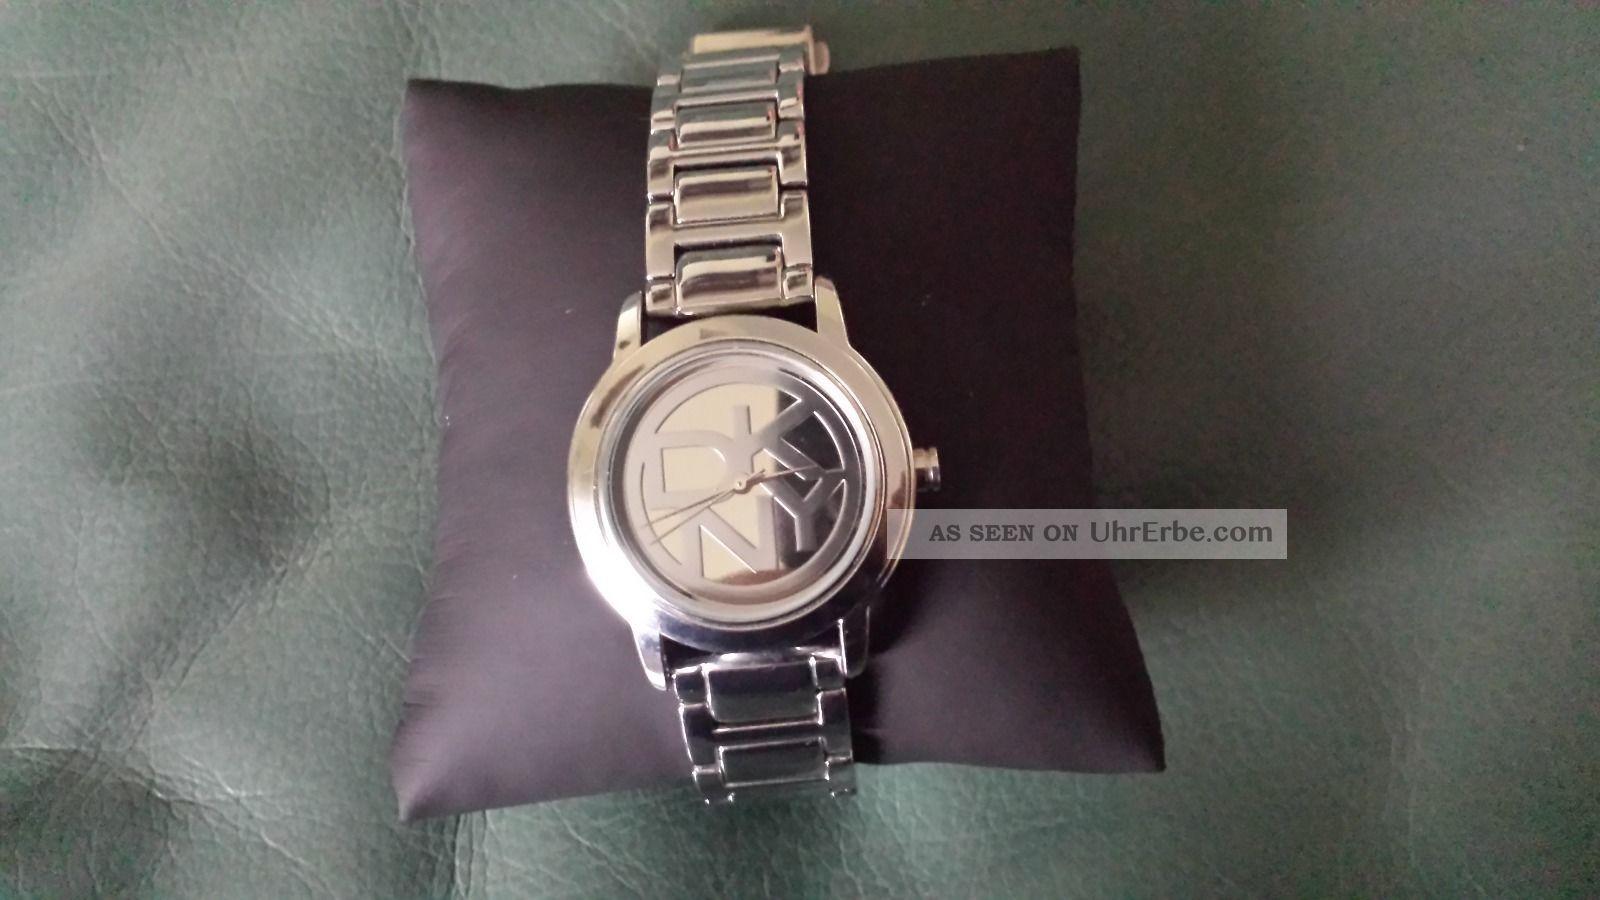 Damen Armbanduhr.  Dkny Armbanduhren Bild